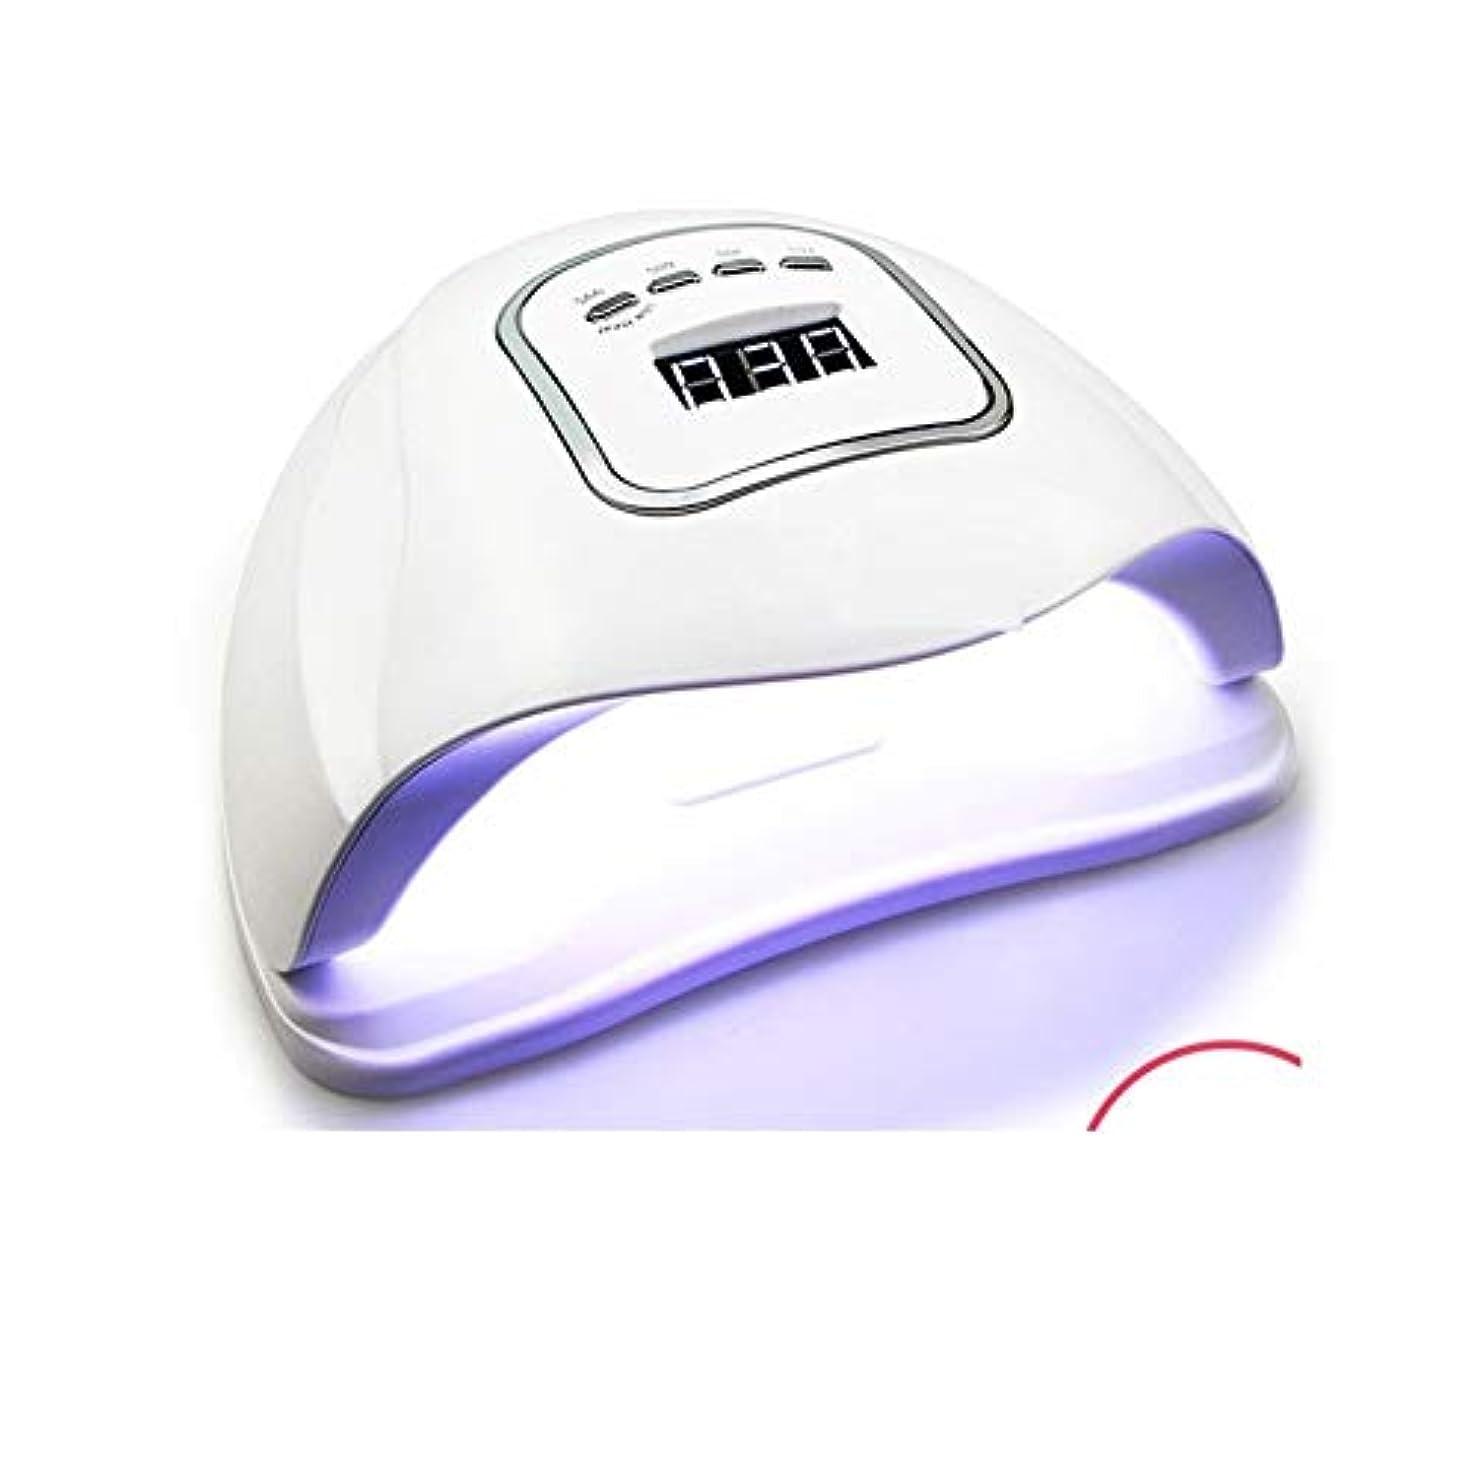 休憩カートリッジ恐怖症LittleCat ネイルセンサー120Wの熱ランプライトセラピー機ドライヤープラスチック速乾性ネイルポリッシュ工作機械のLEDライト (色 : American standard flat plug)